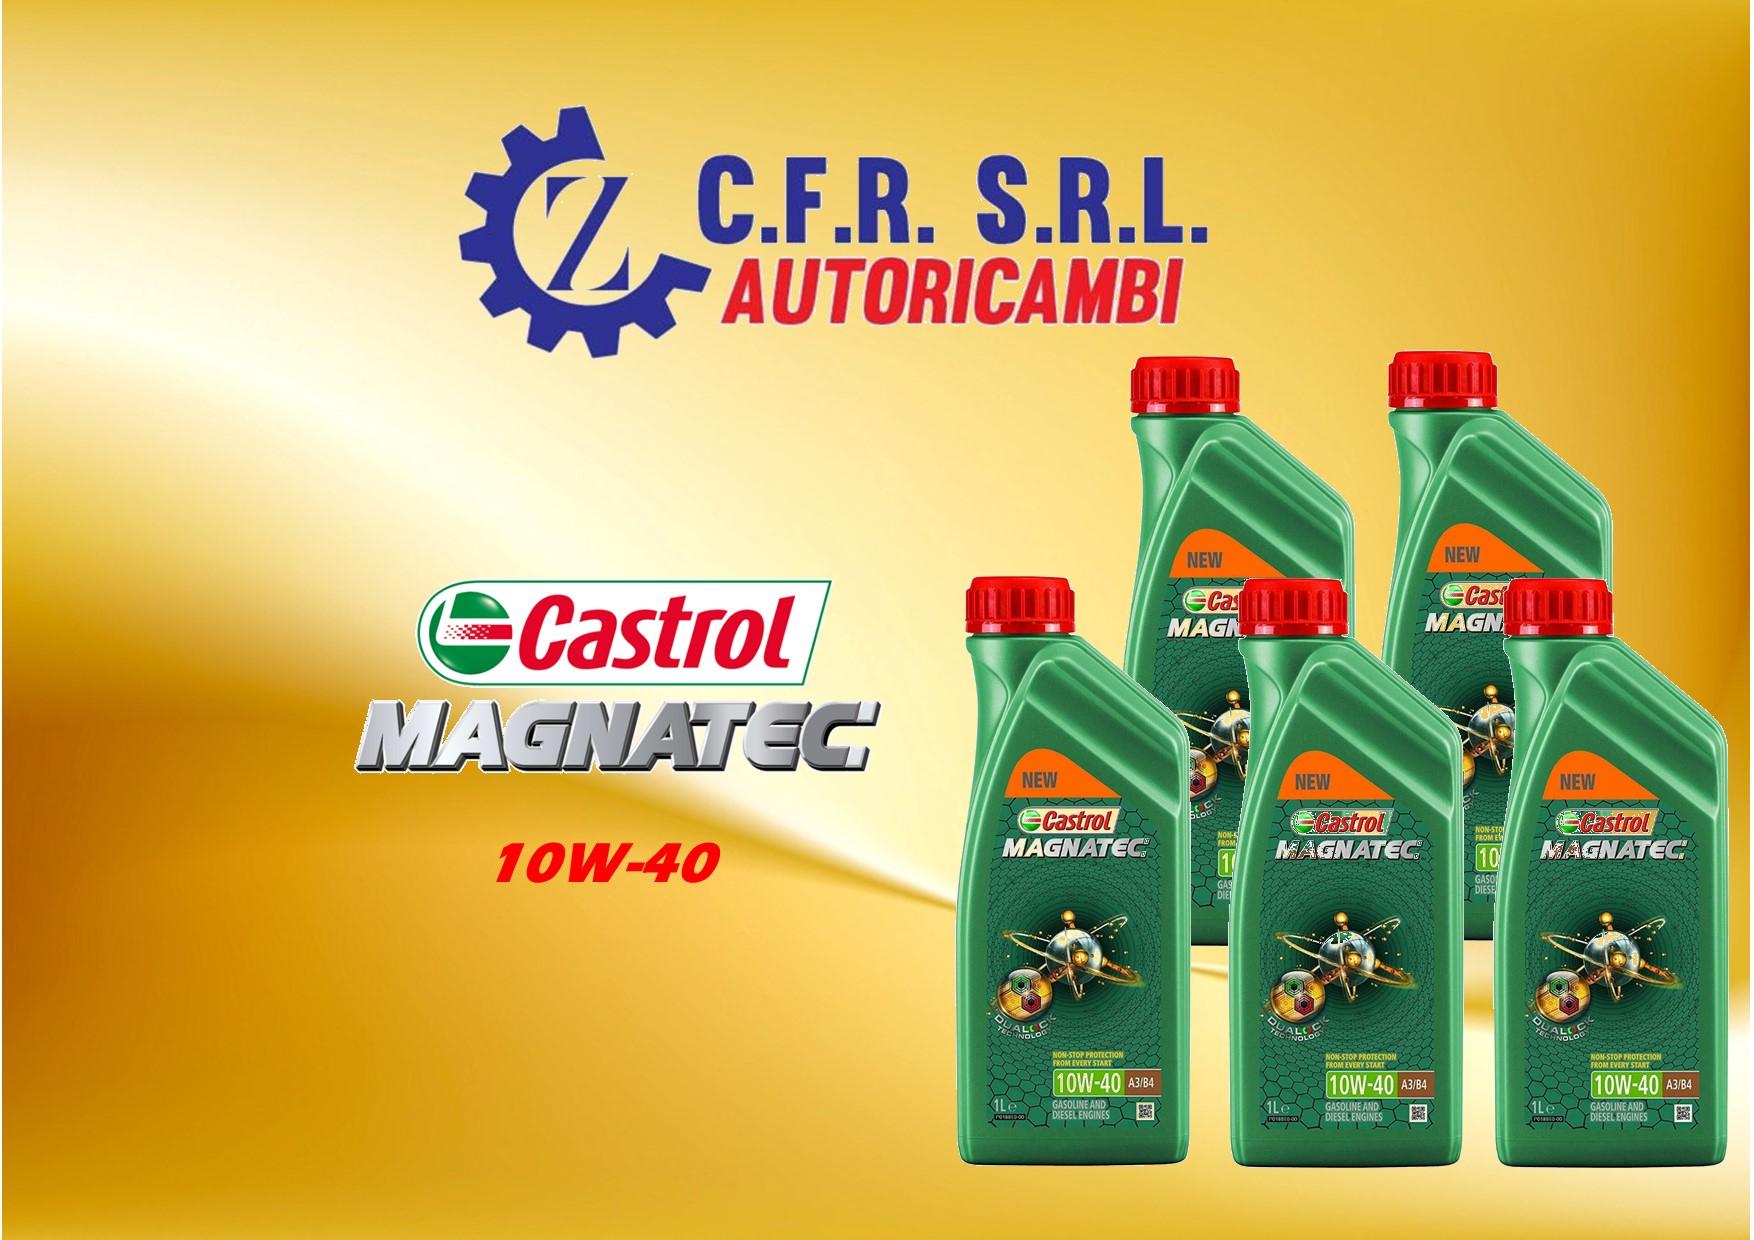 5PZ OLIO LUBRIFICANTE CASTROL MAGNATEC 10W-40